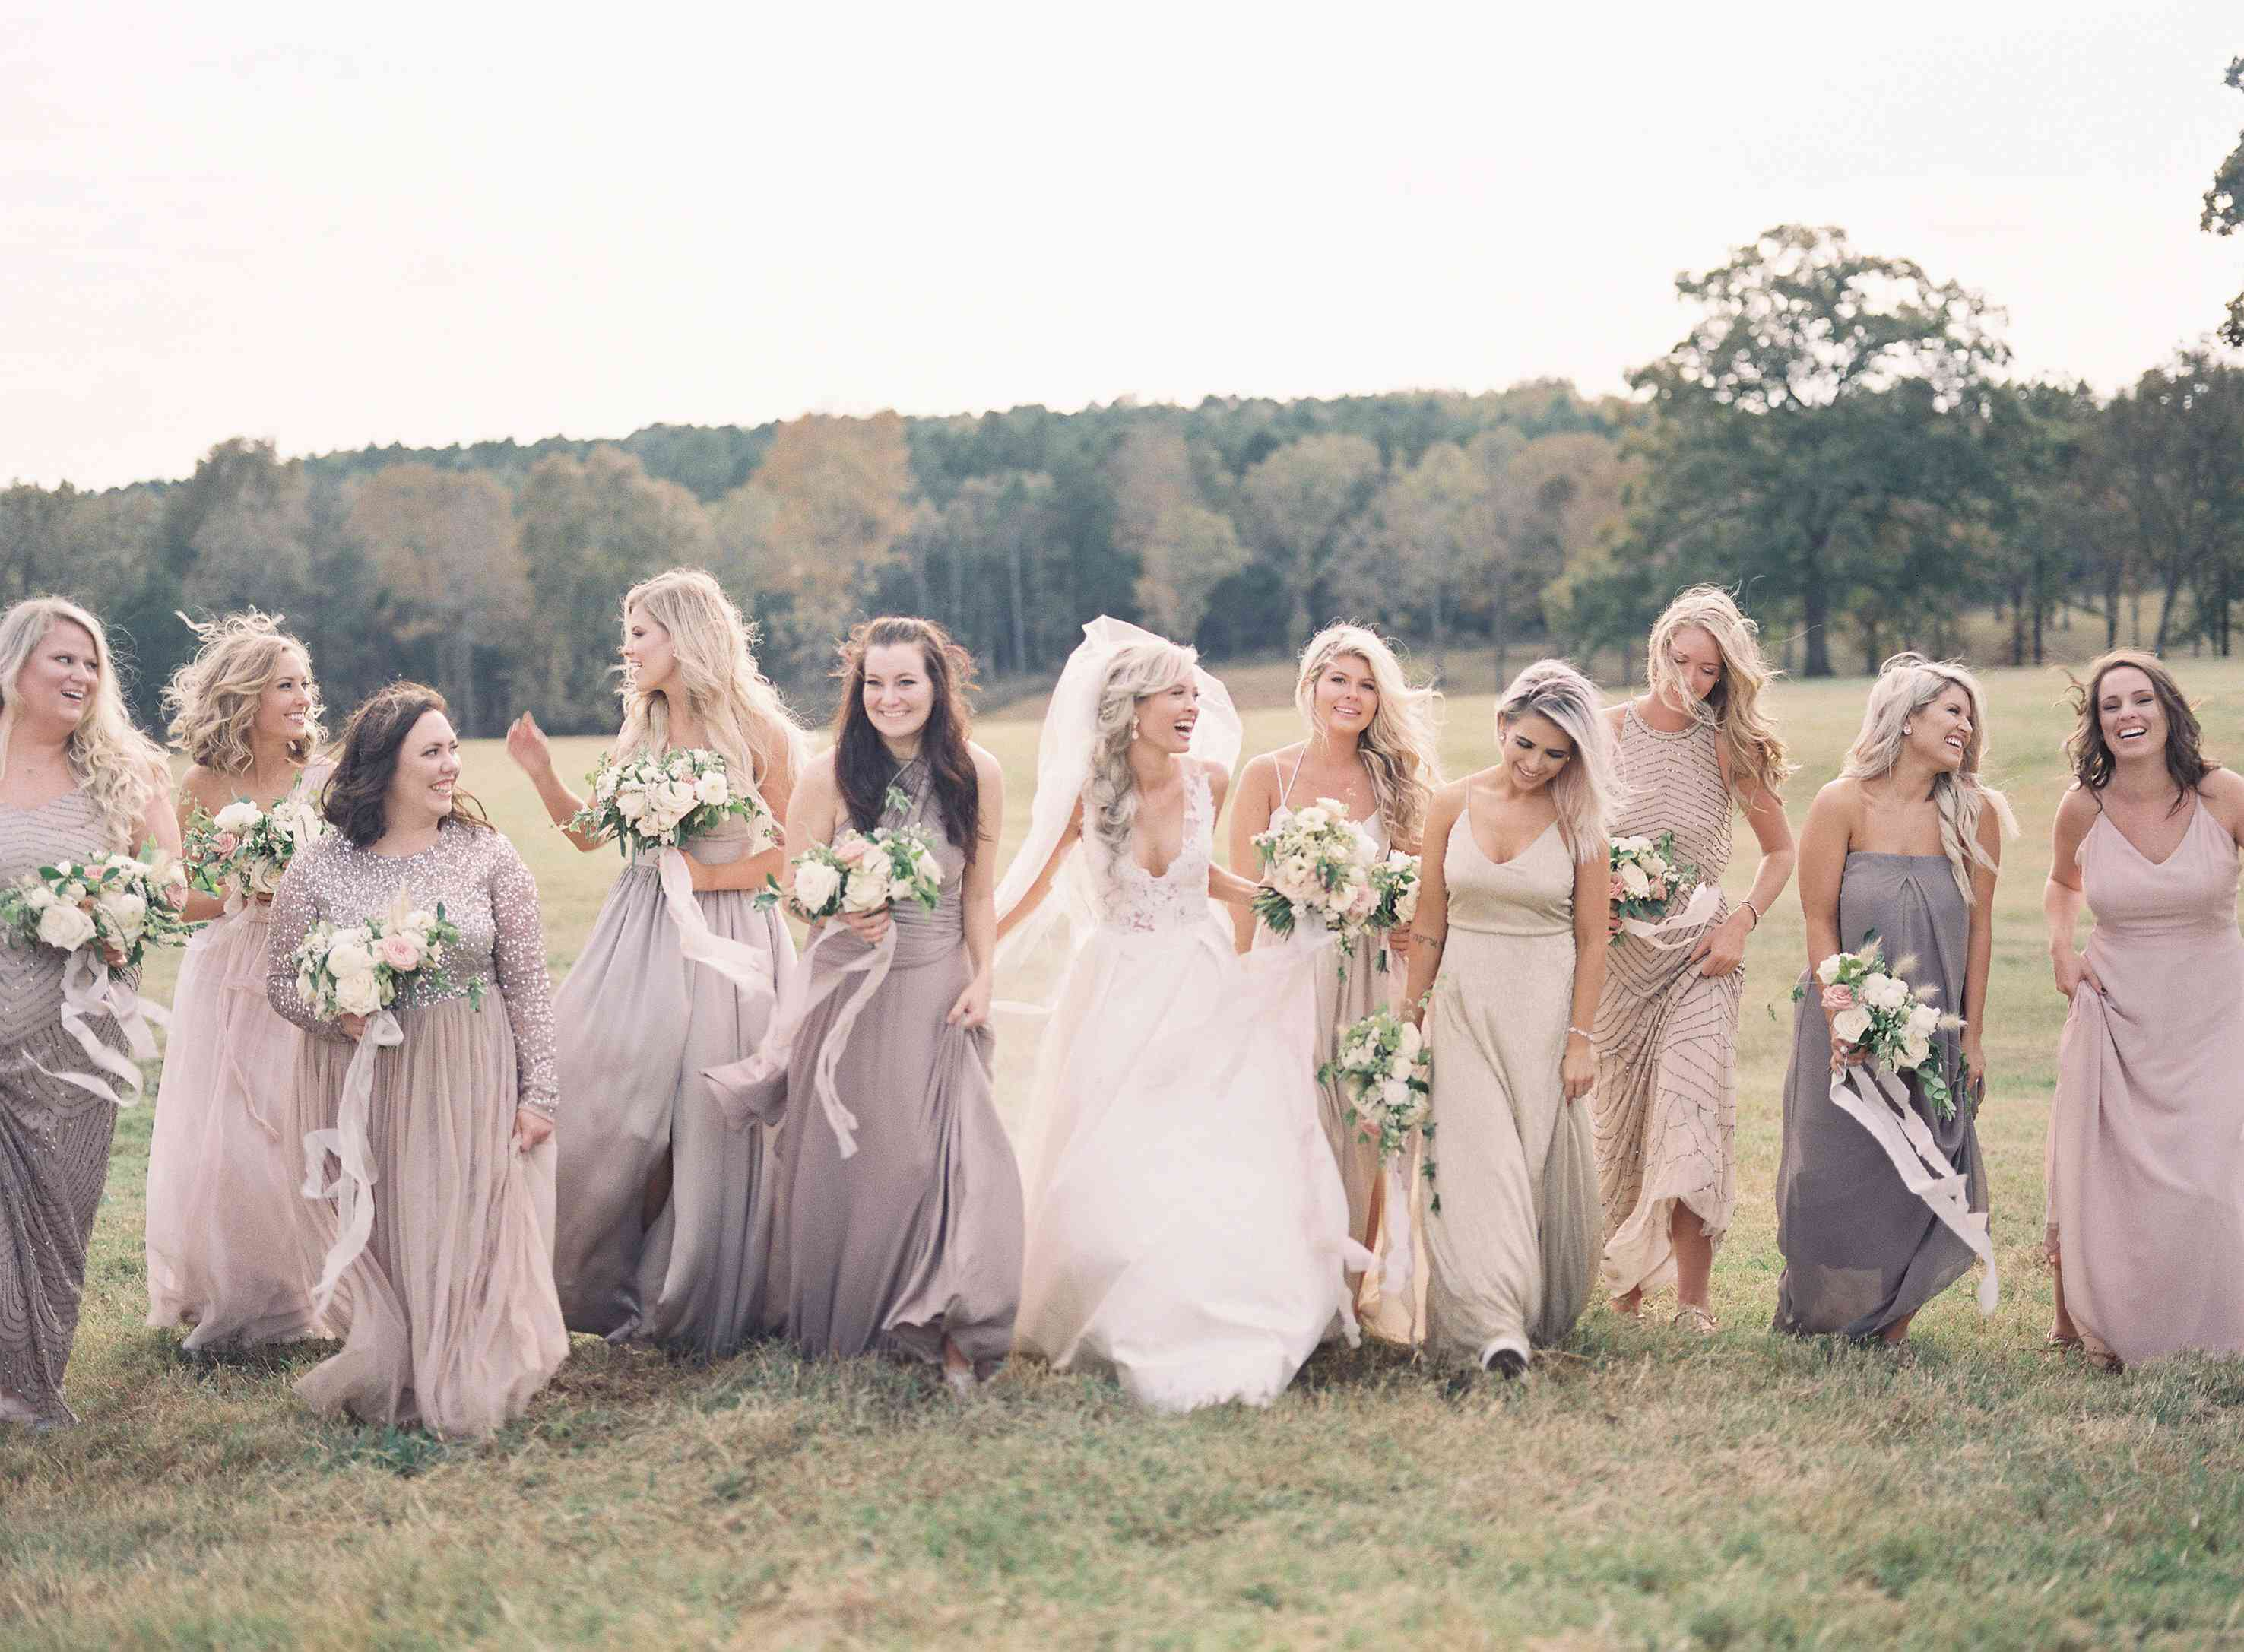 <p>Bride with bridesmaids</p><br><br>